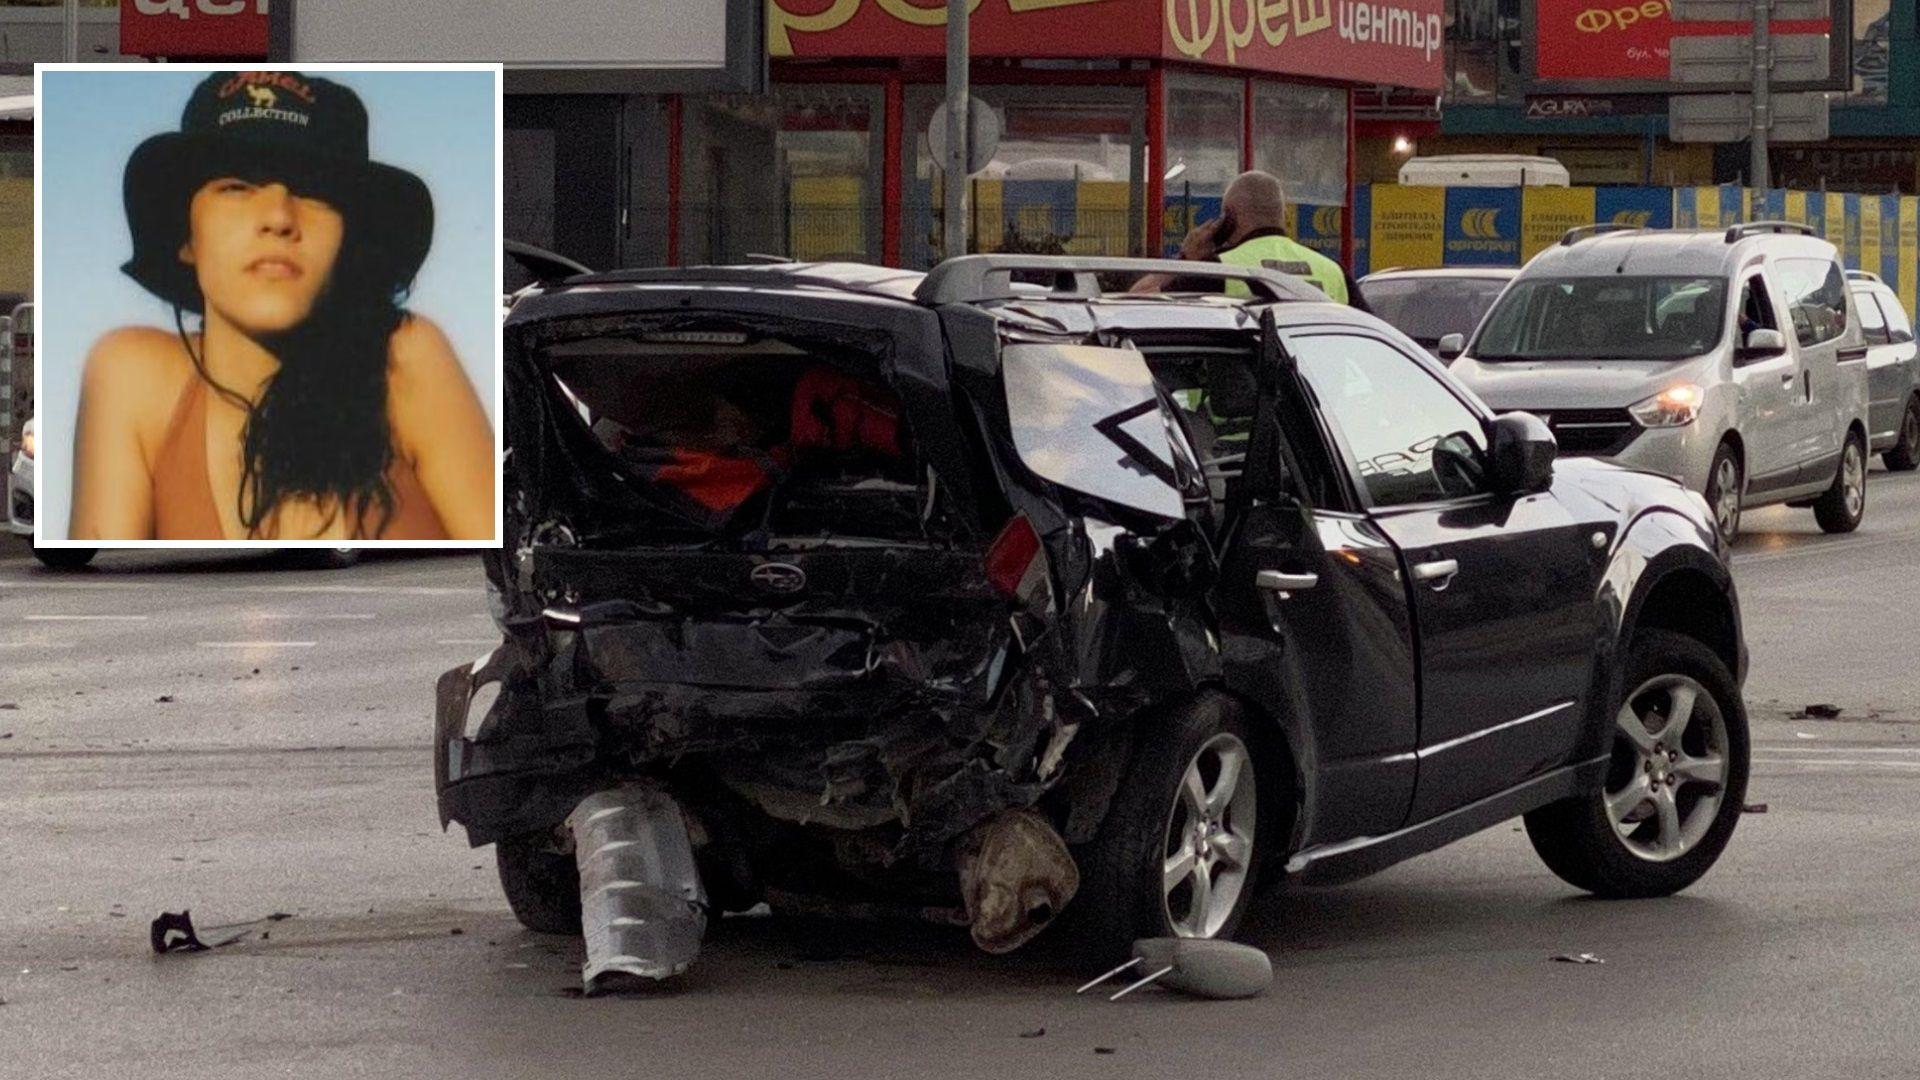 Отмениха гаранция на Симона - спътничка в колата, убила Милен Цветков